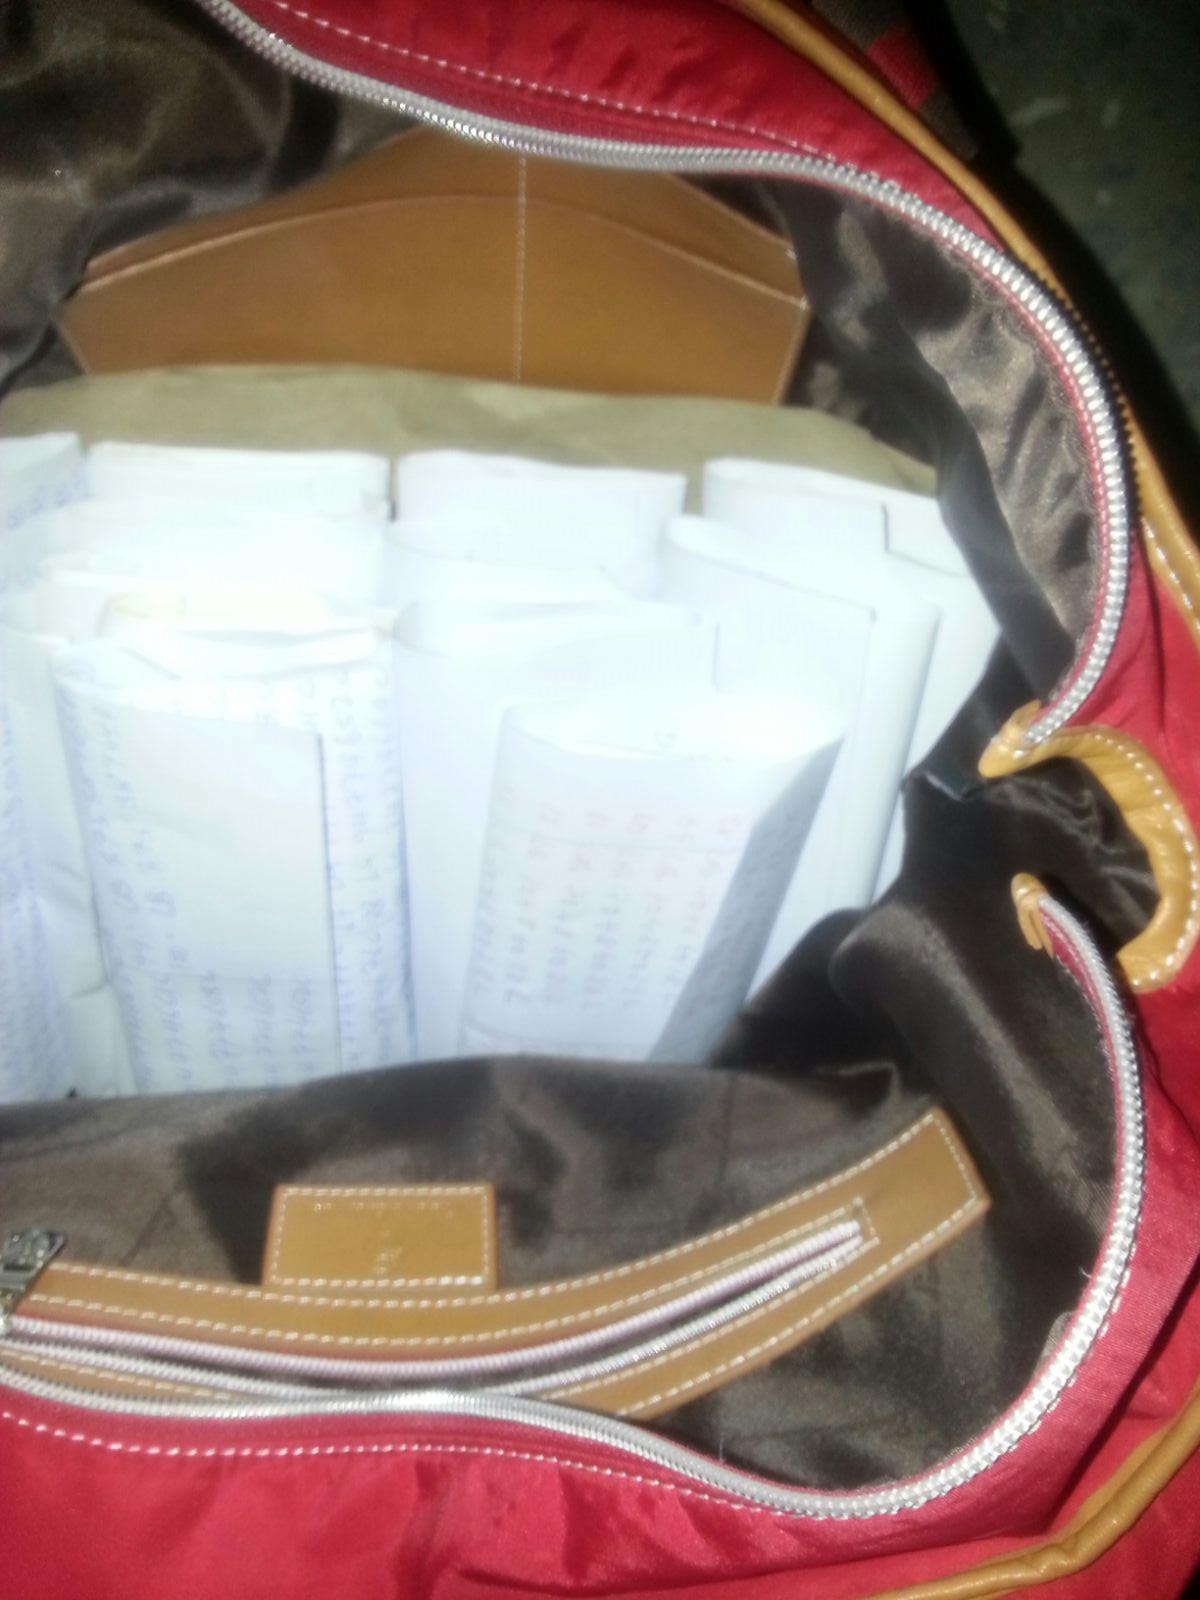 the money inside white envelopes in her bag